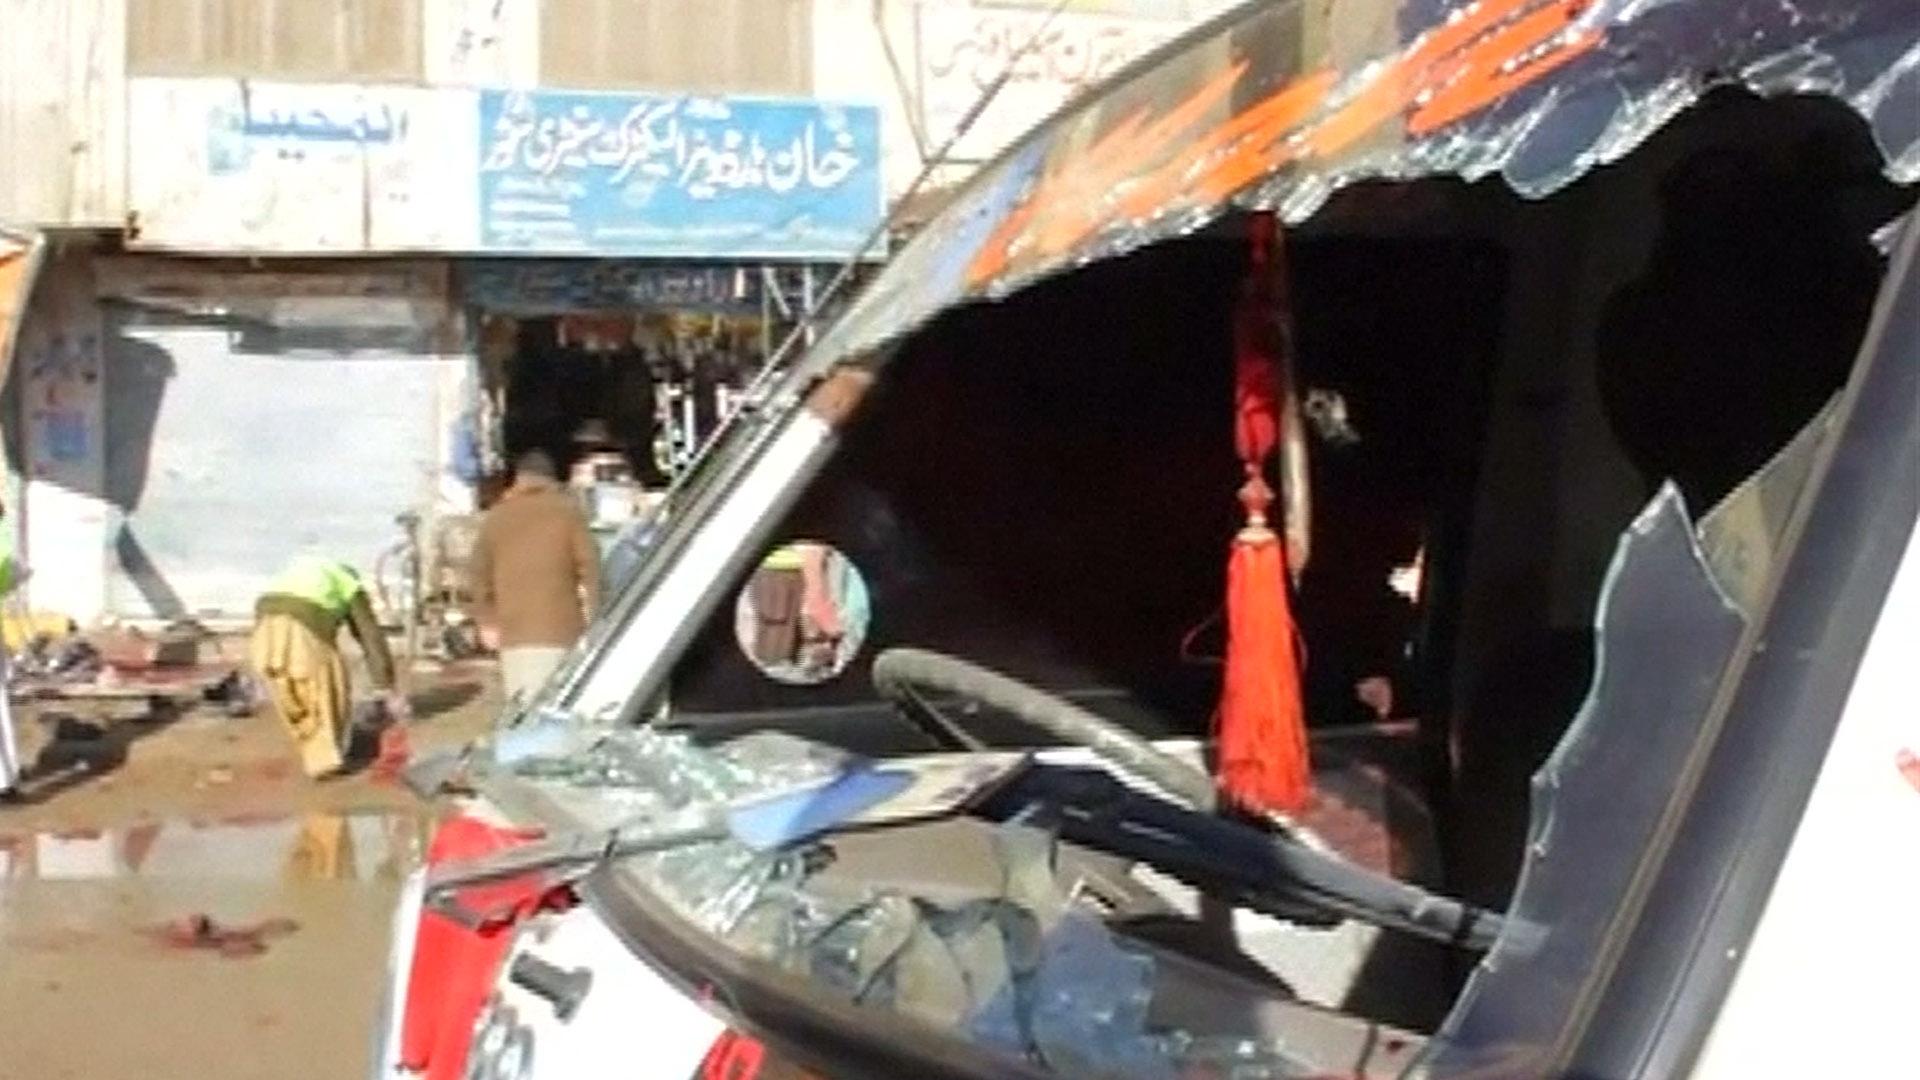 Bomb Blast Kills 14 at Polio Center in Quetta, Pakistan: Police